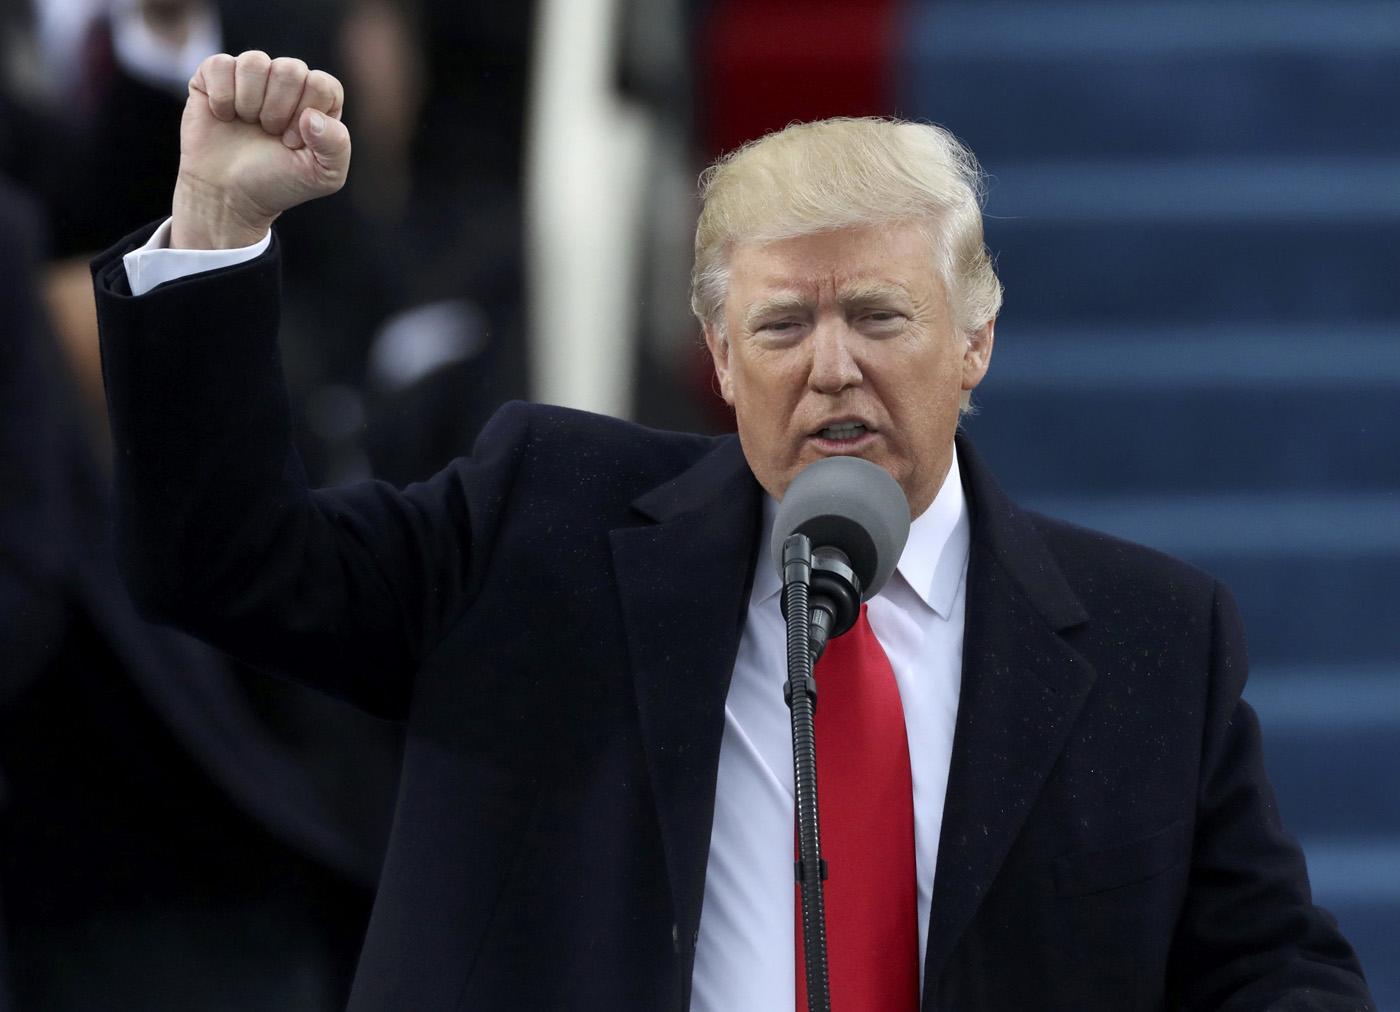 Trump MAGA